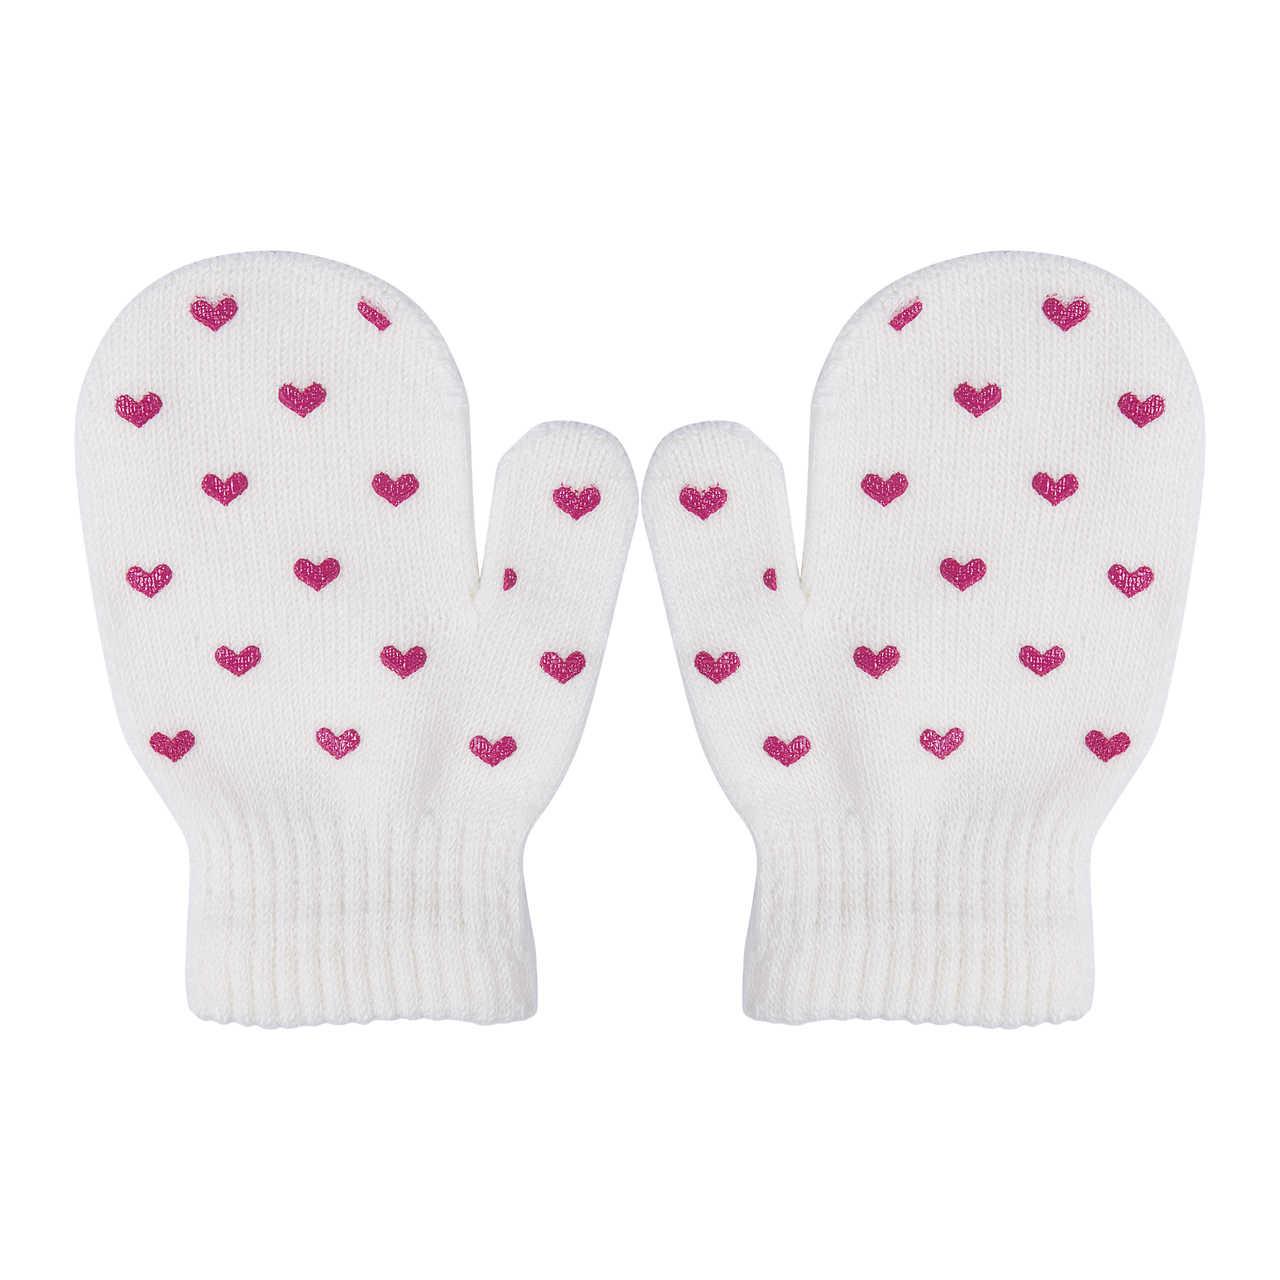 כוכב & לב הדפסת תינוק כפפות בני ובנות רך סריגה חם ילדי ילדים כפפות דפוס 2018 אופנתי אופנה תינוק כפפות